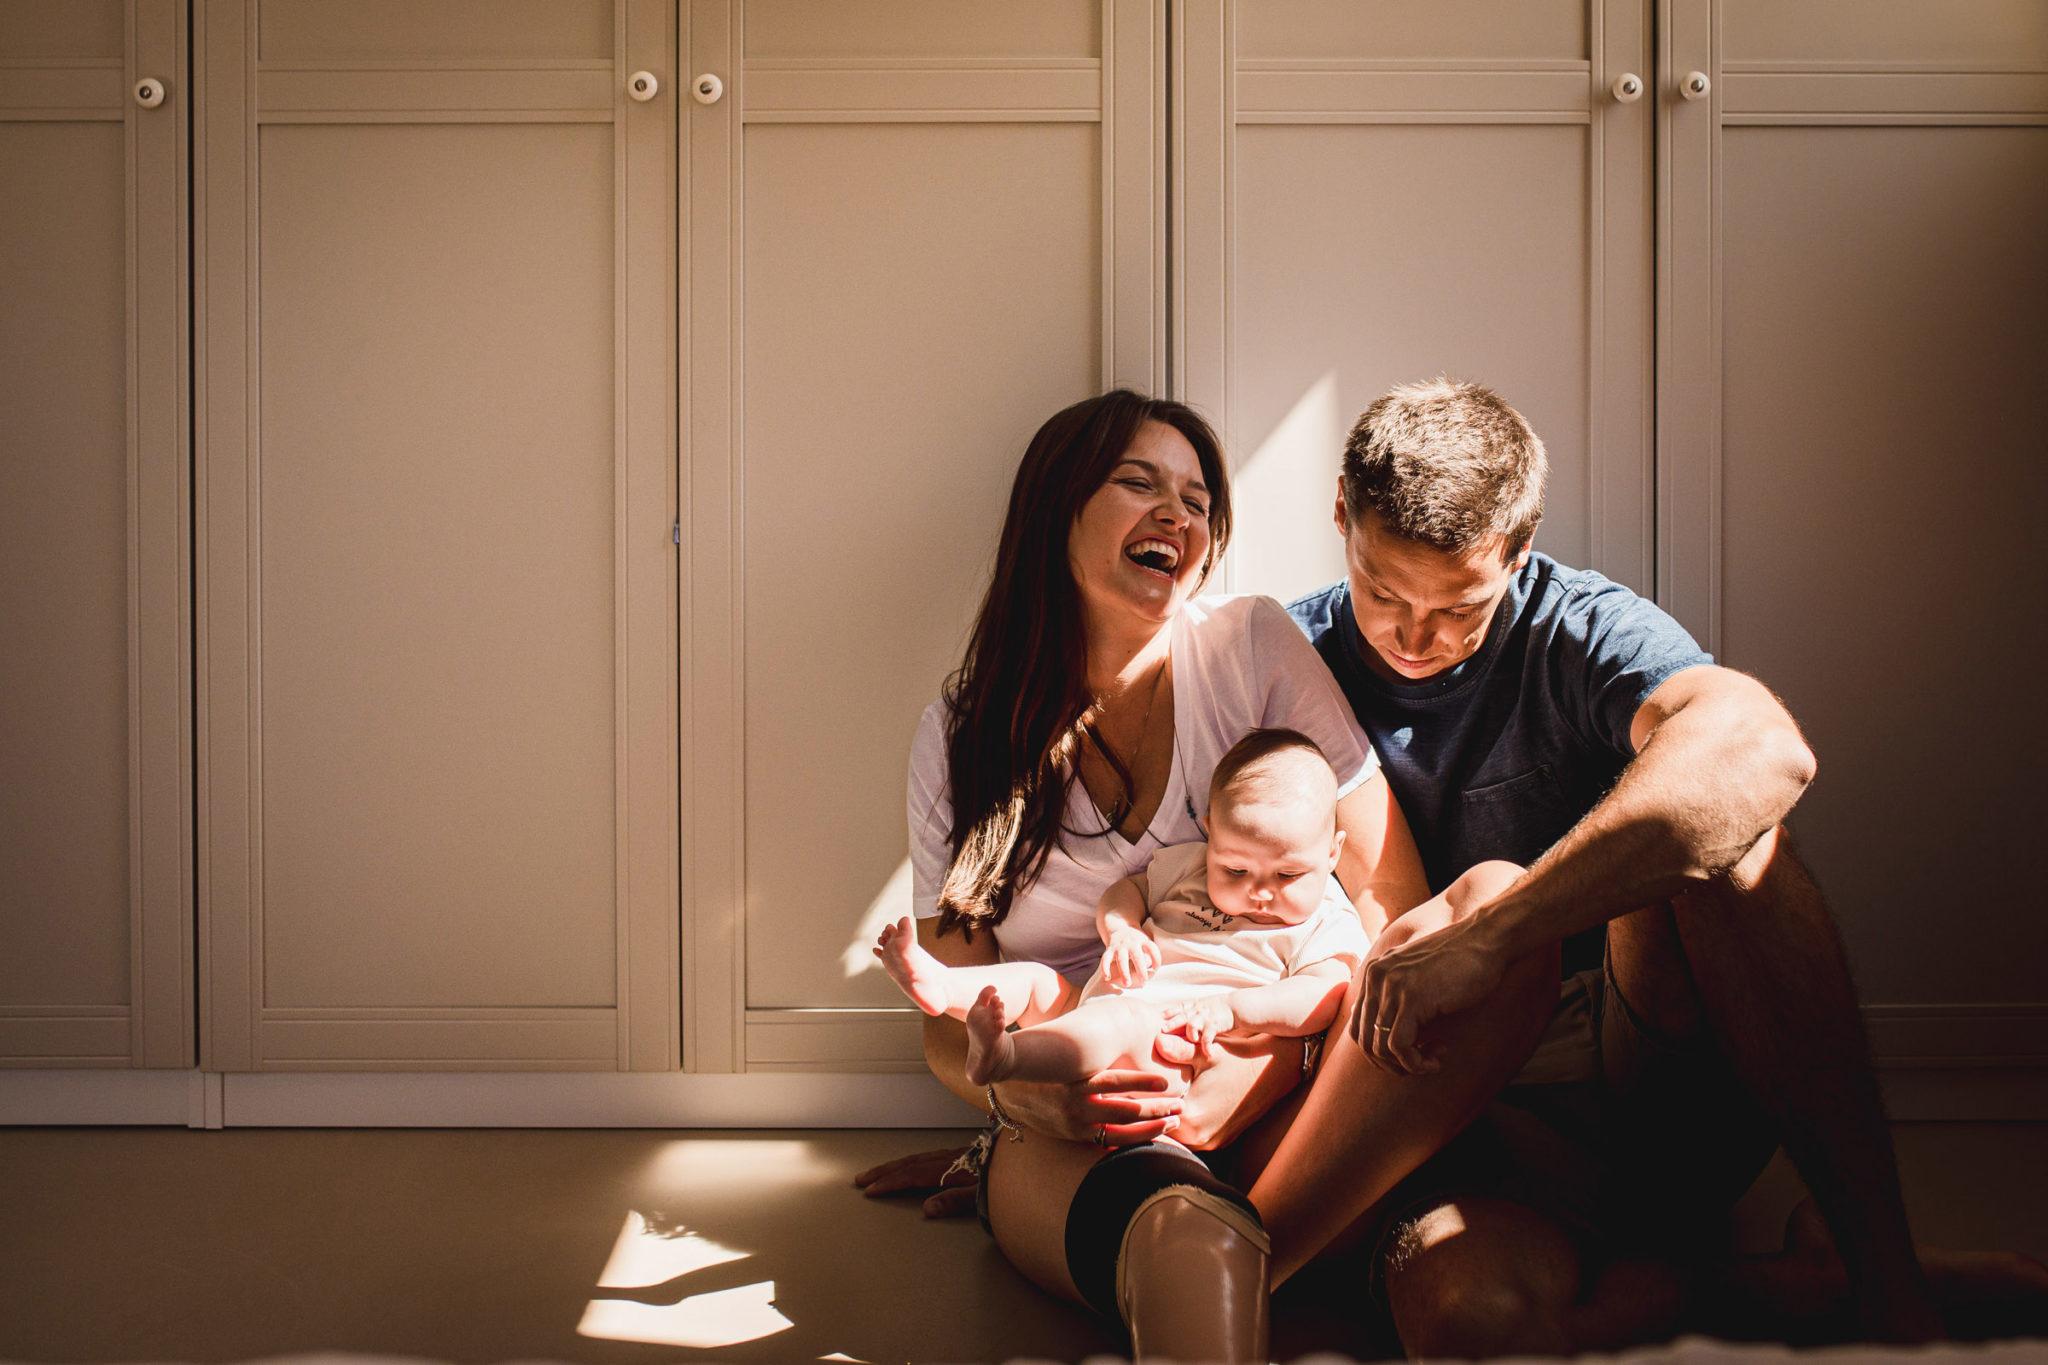 Jeune couple de parents avec leur bébé dans les bras, assis par terre dans la lumière d'une fenêtre